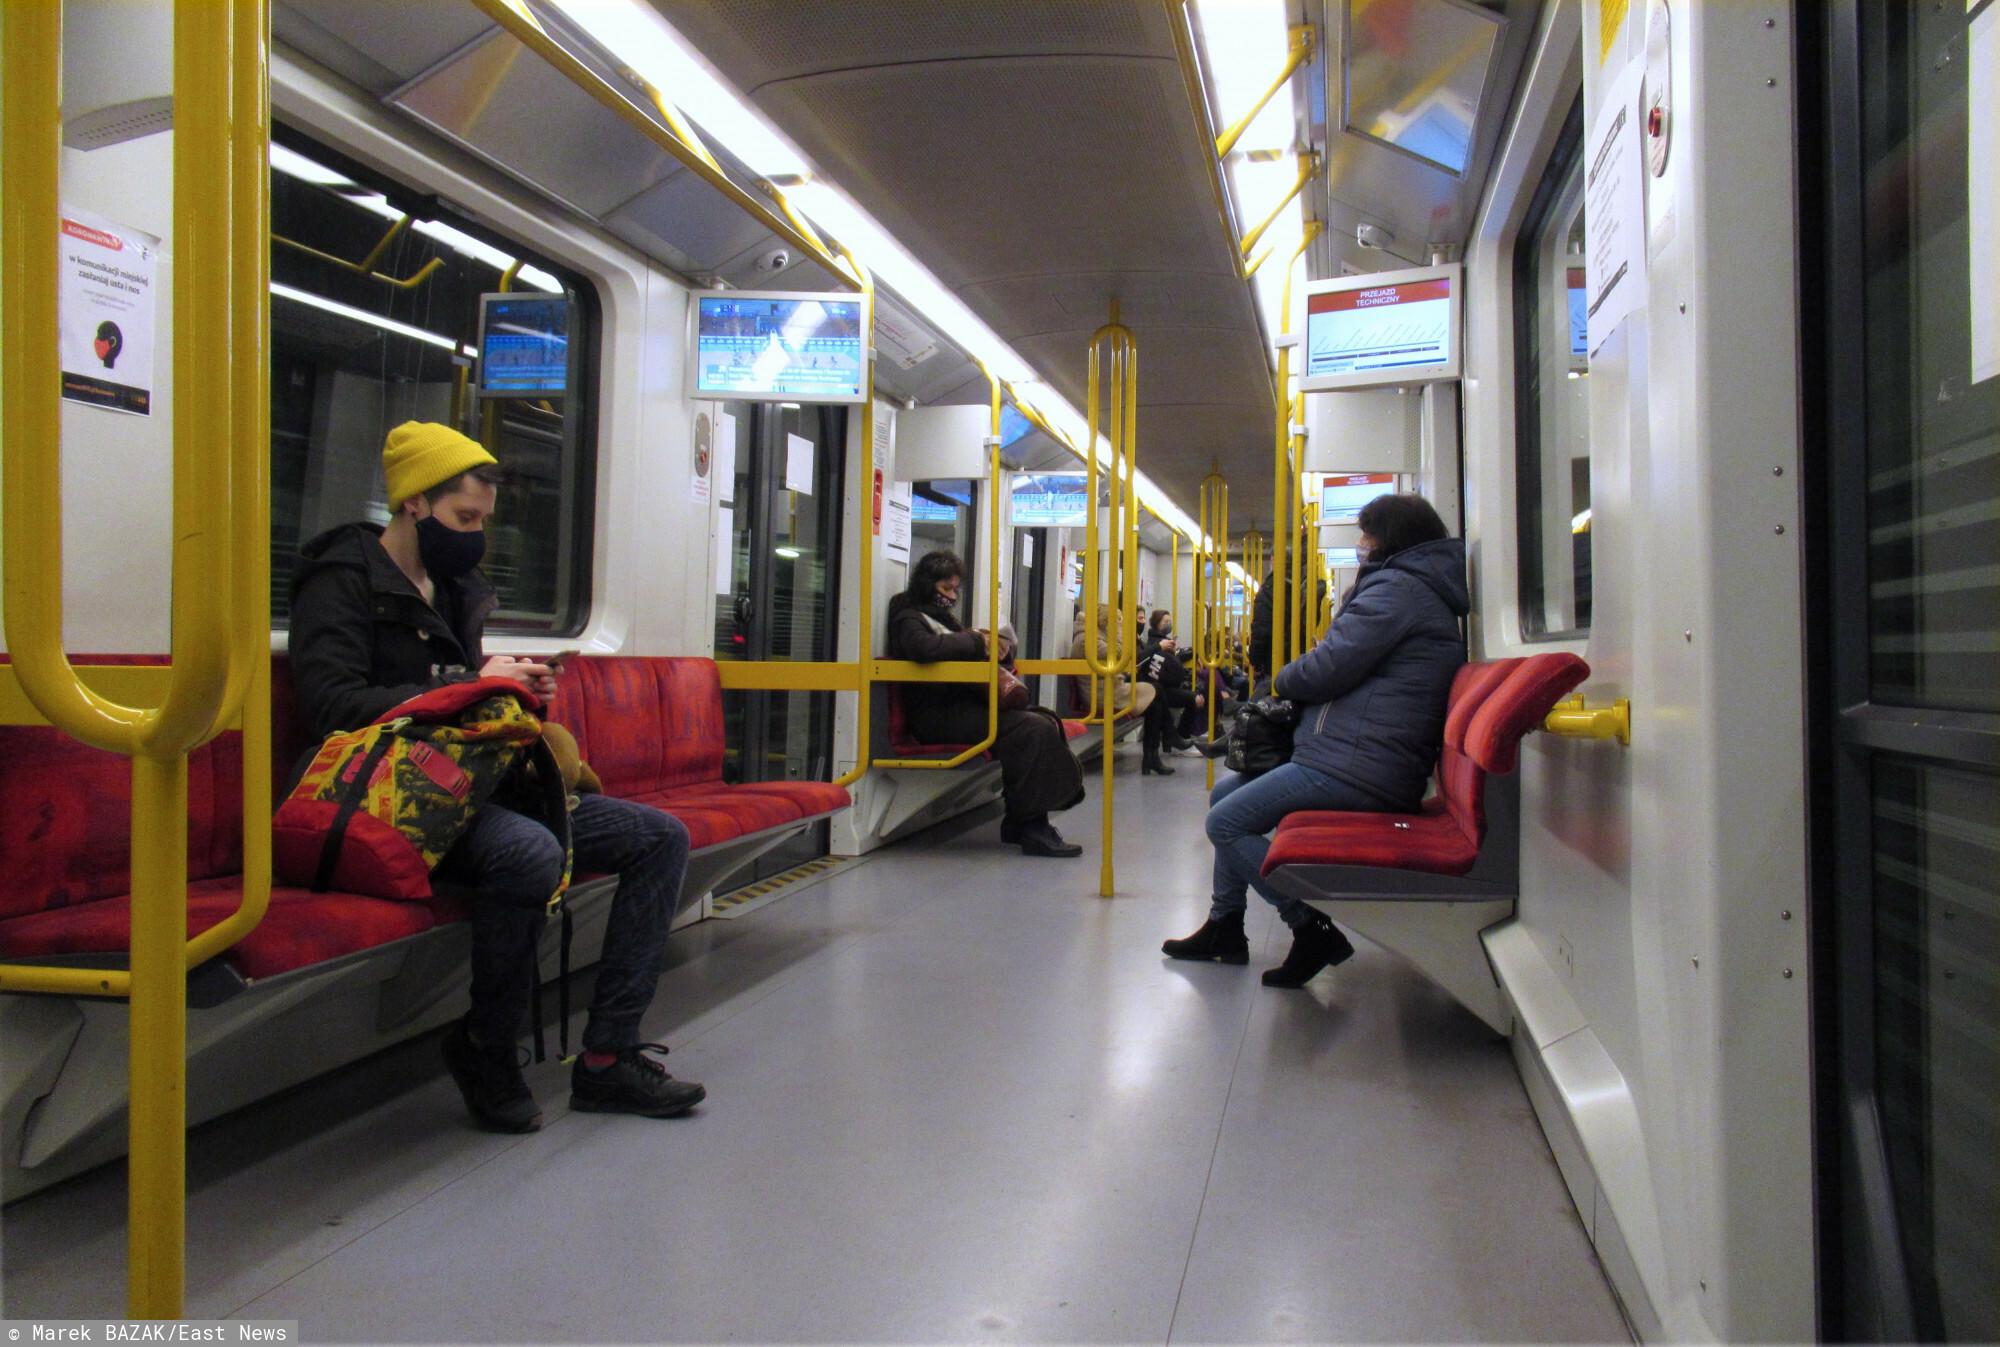 Niejeden podróżny mógł zostać wprowadzony w błąd na stacji metra Stokłosy.